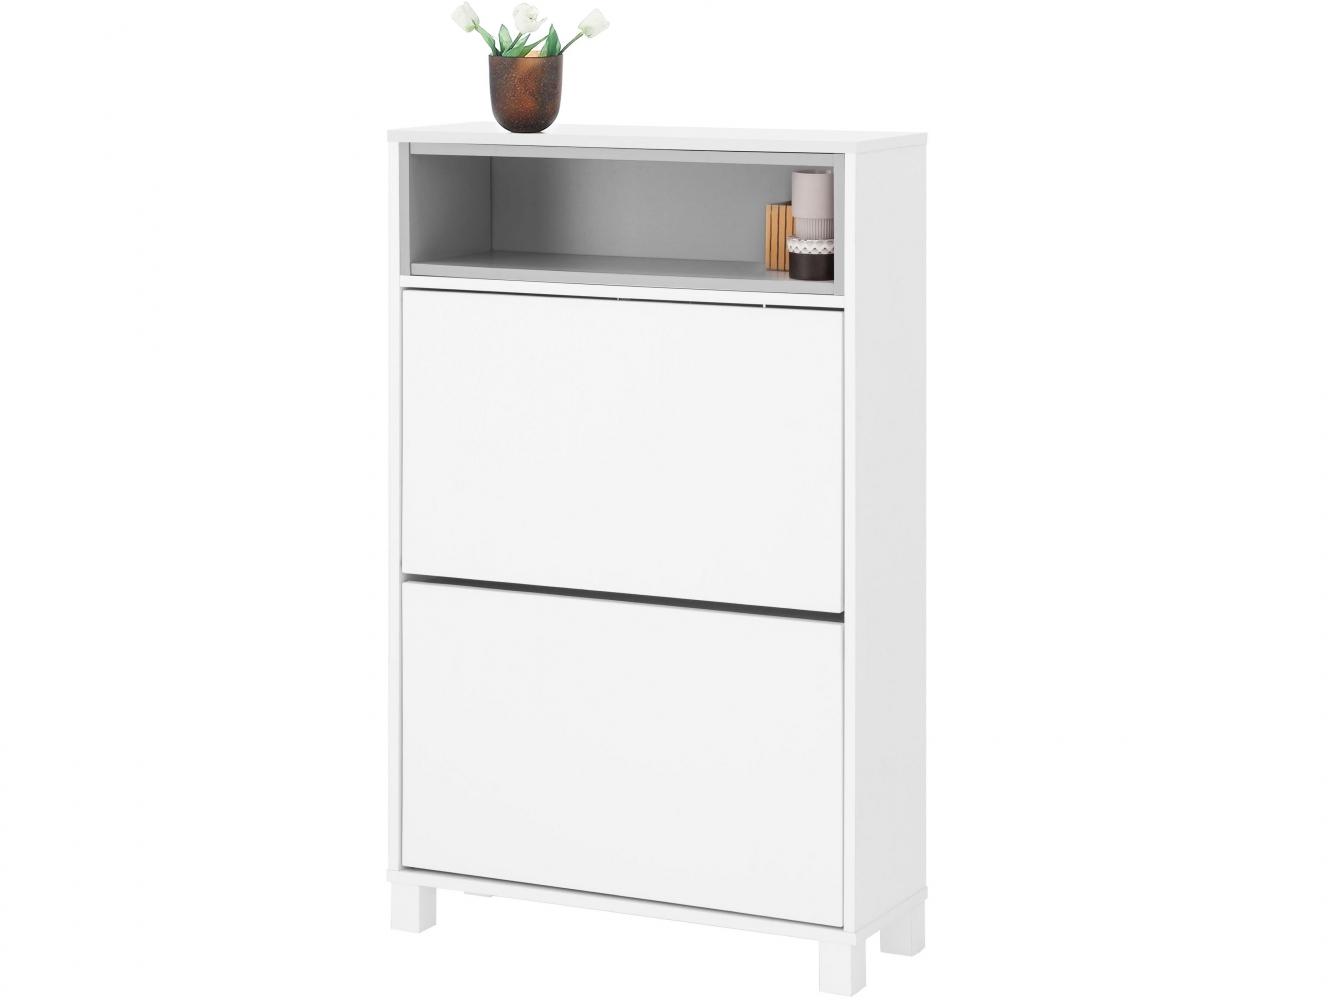 Botník Paker, 110 cm, bílá / šedá